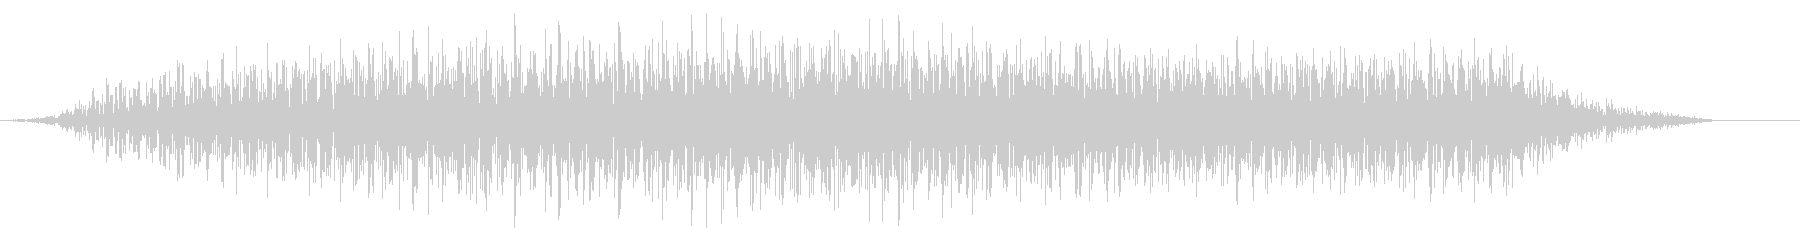 シュイーン(開く 伸びる 大きくなる音)の未再生の波形